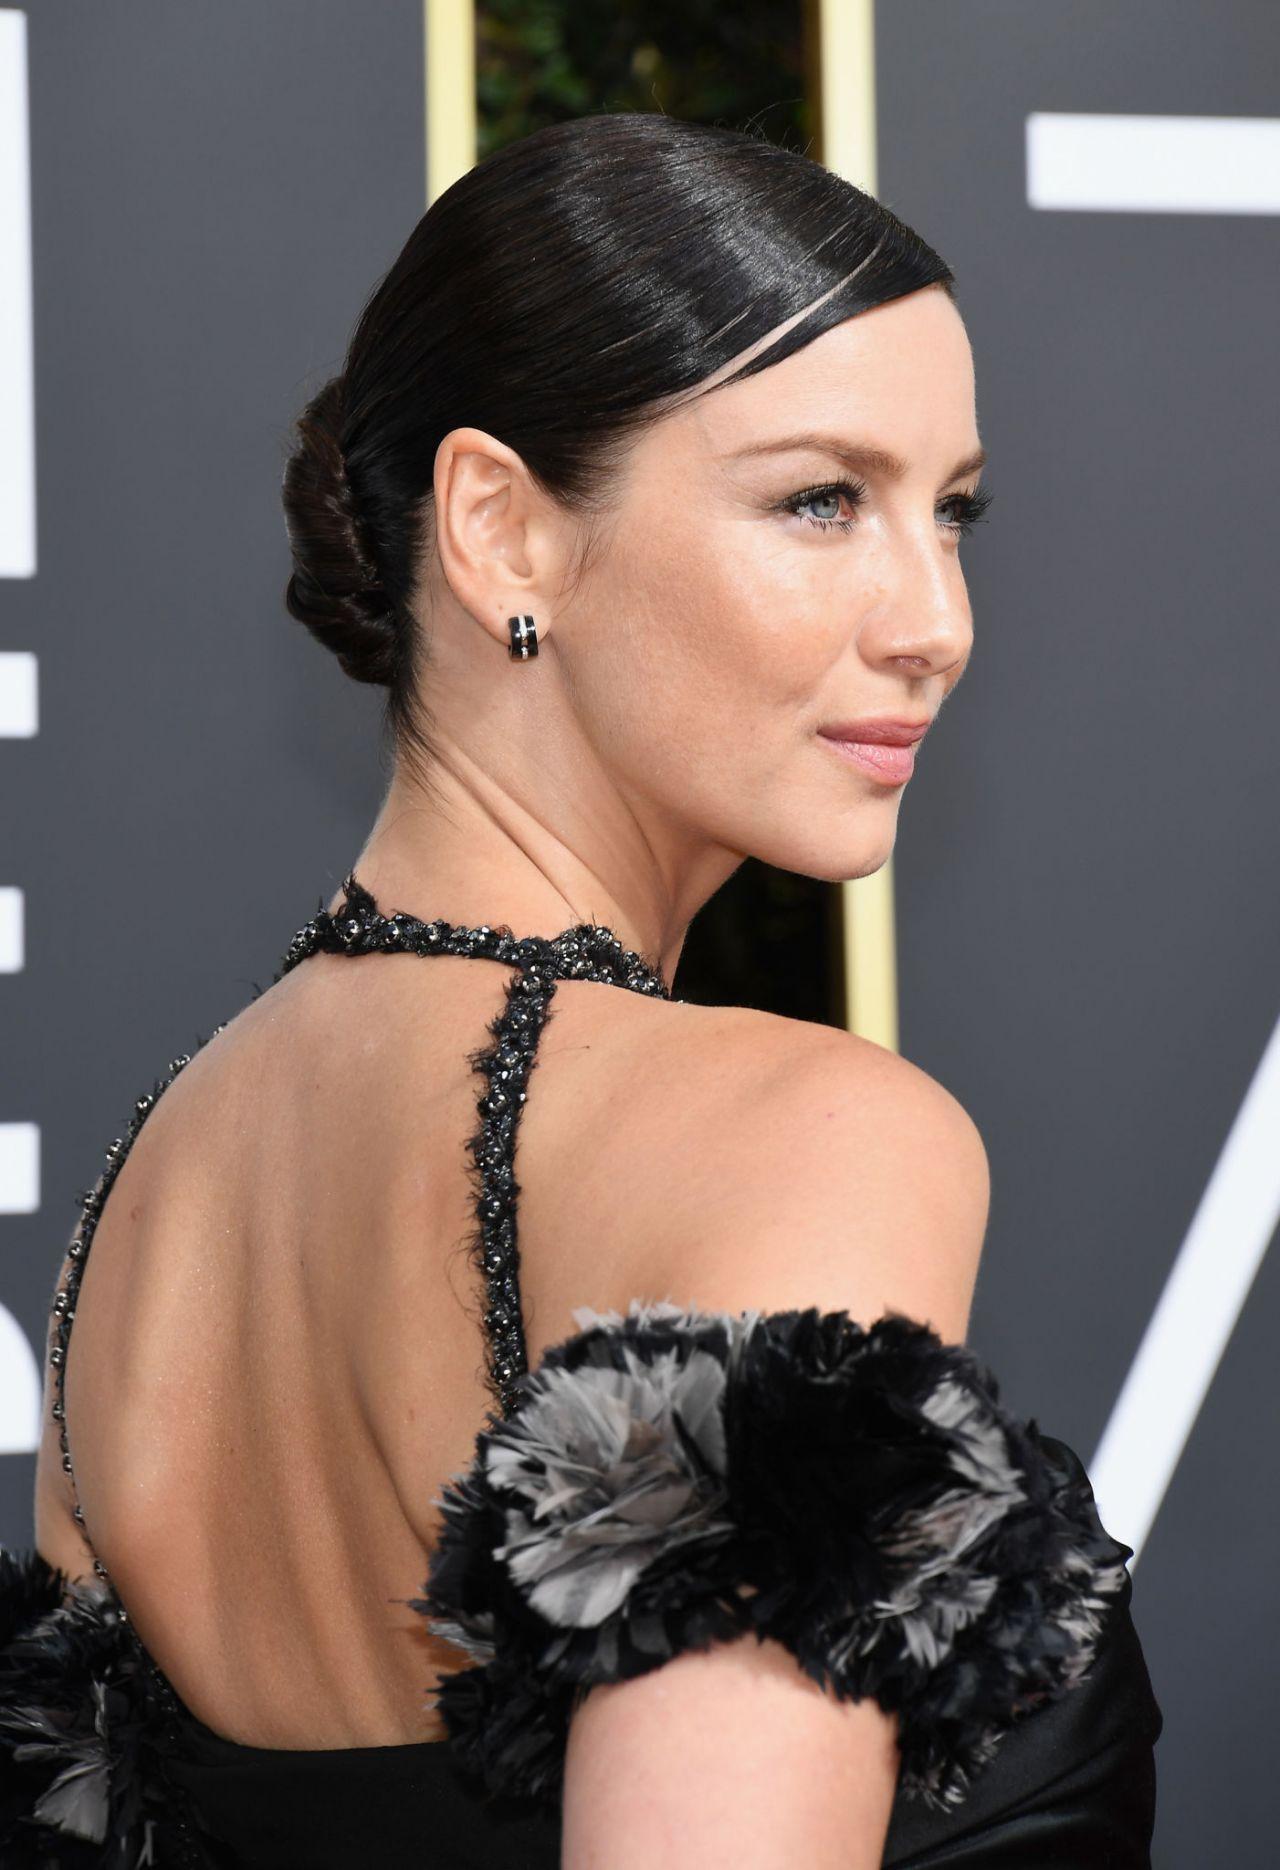 Caitriona Balfe Golden Globe Awards 2018